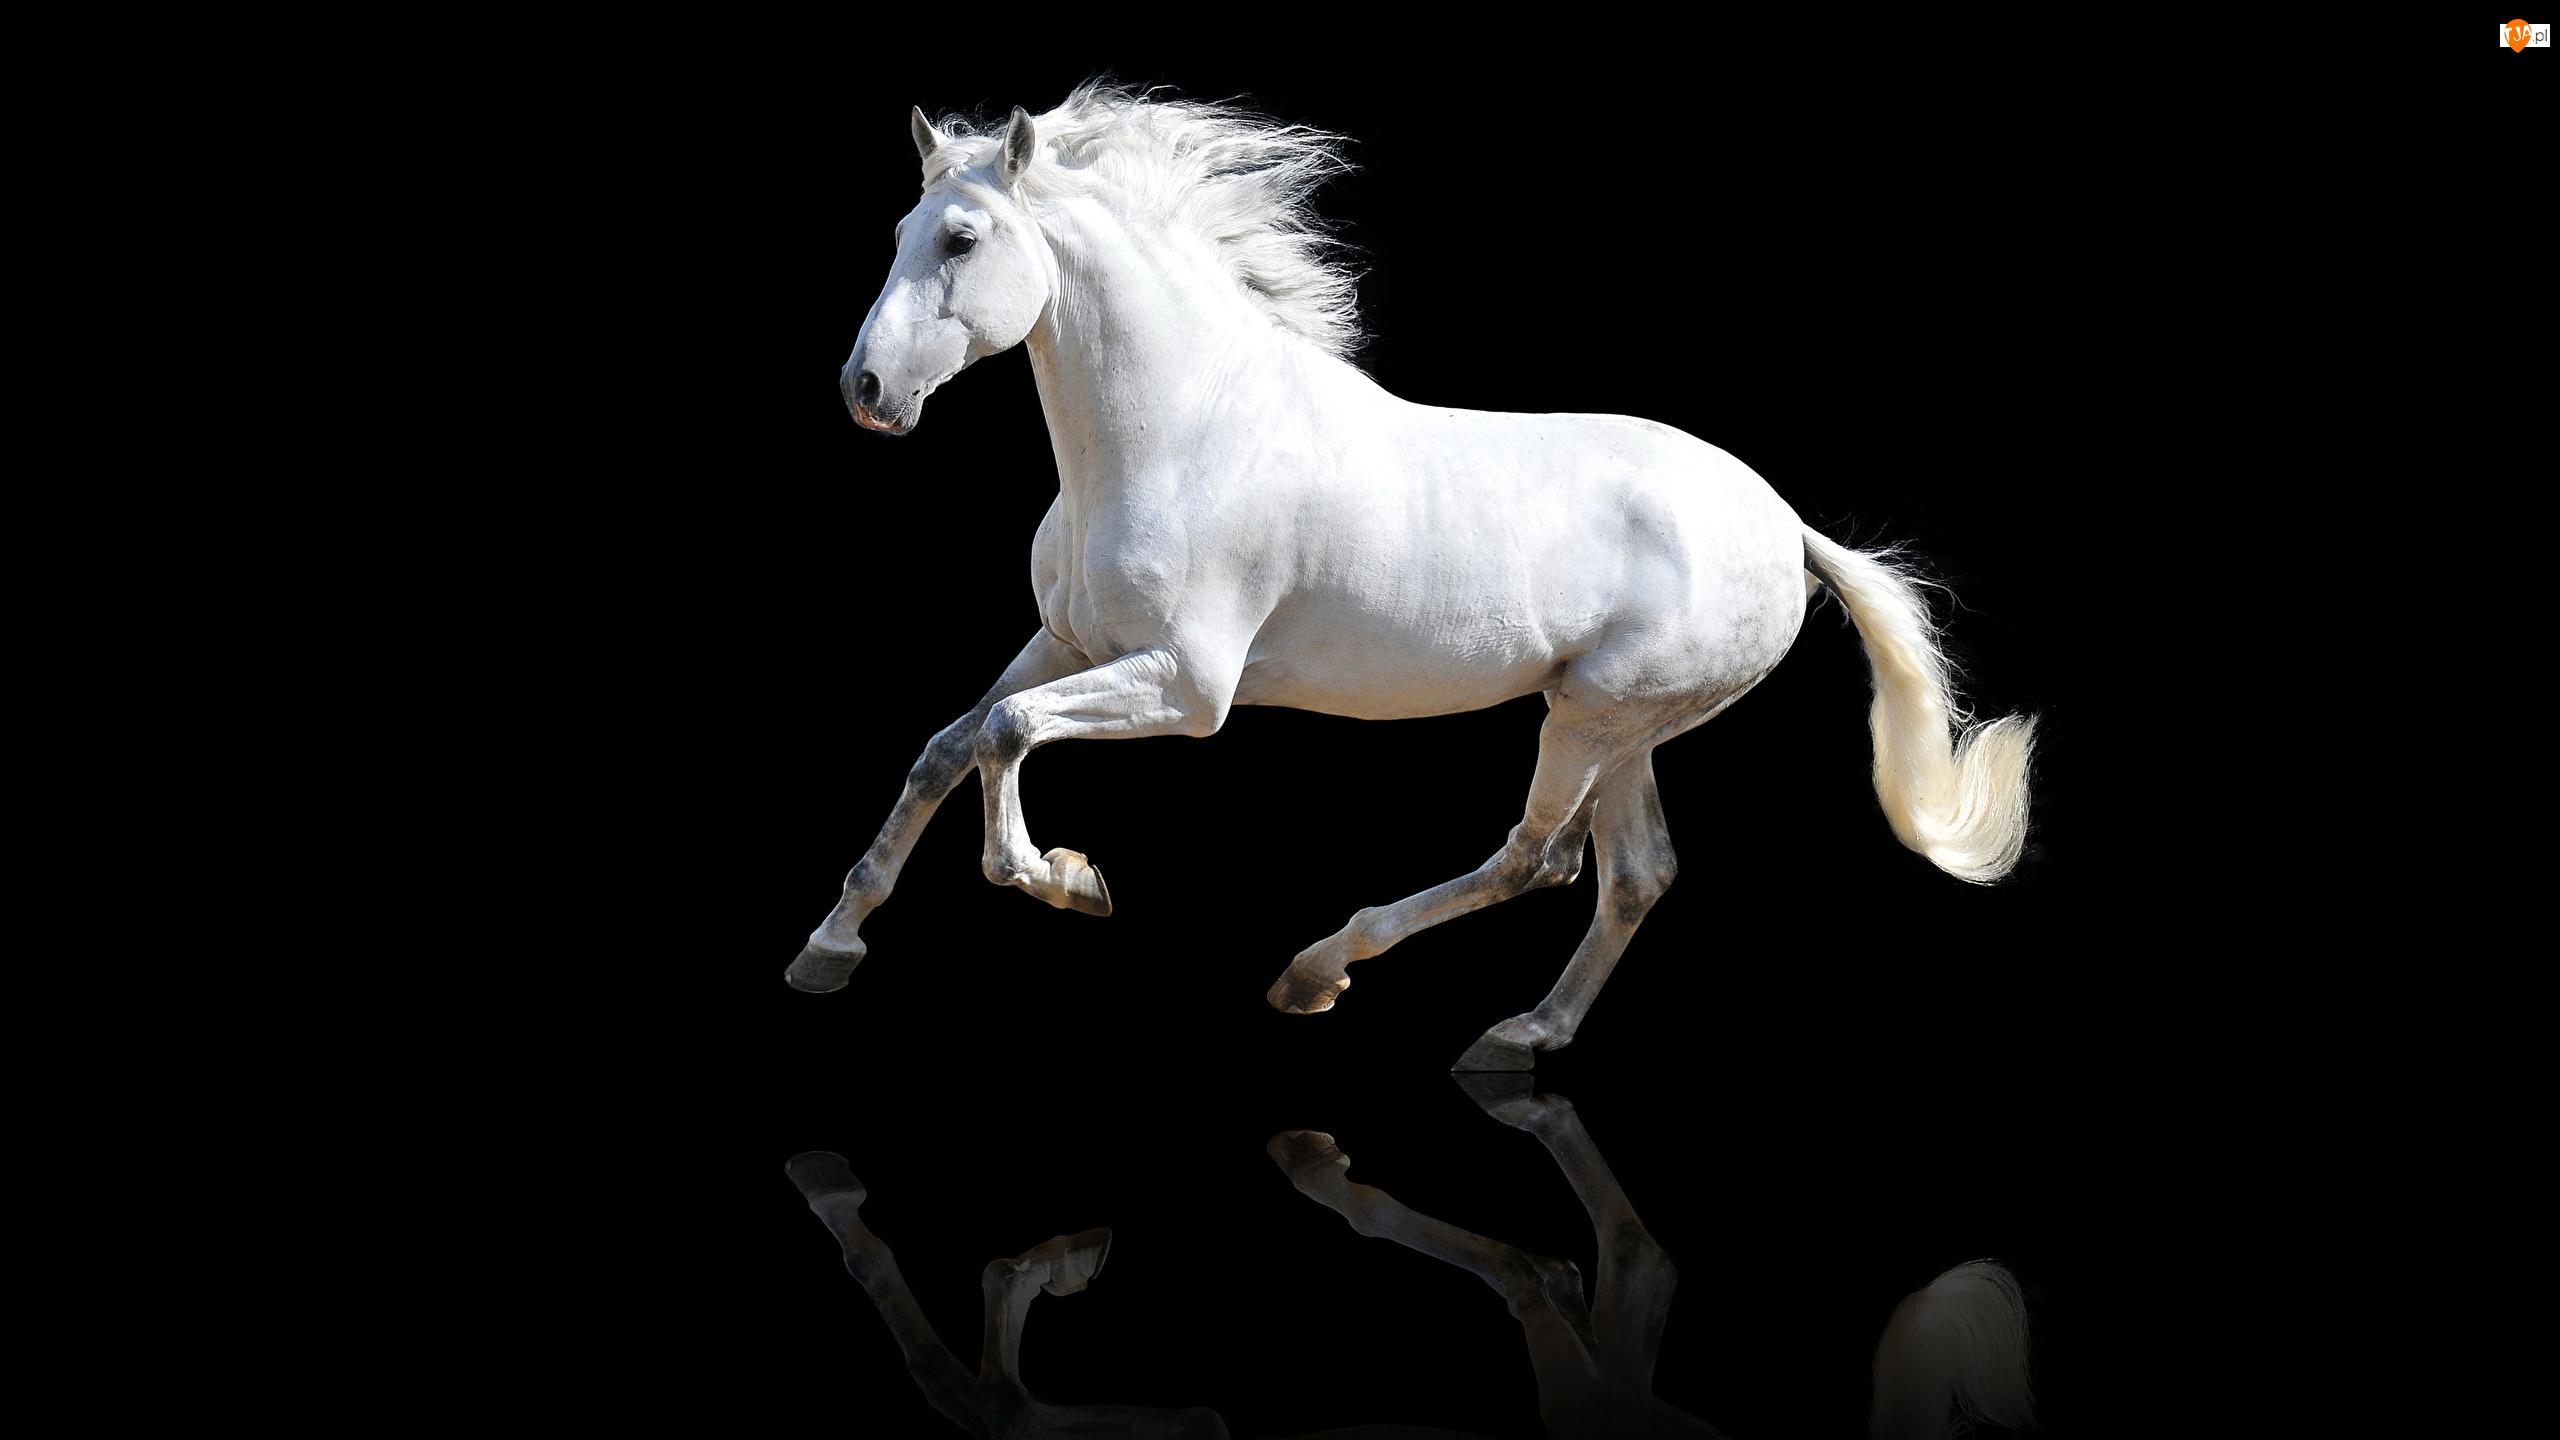 Odbicie, Tło, Koń andaluzyjski, Biały, Czarne